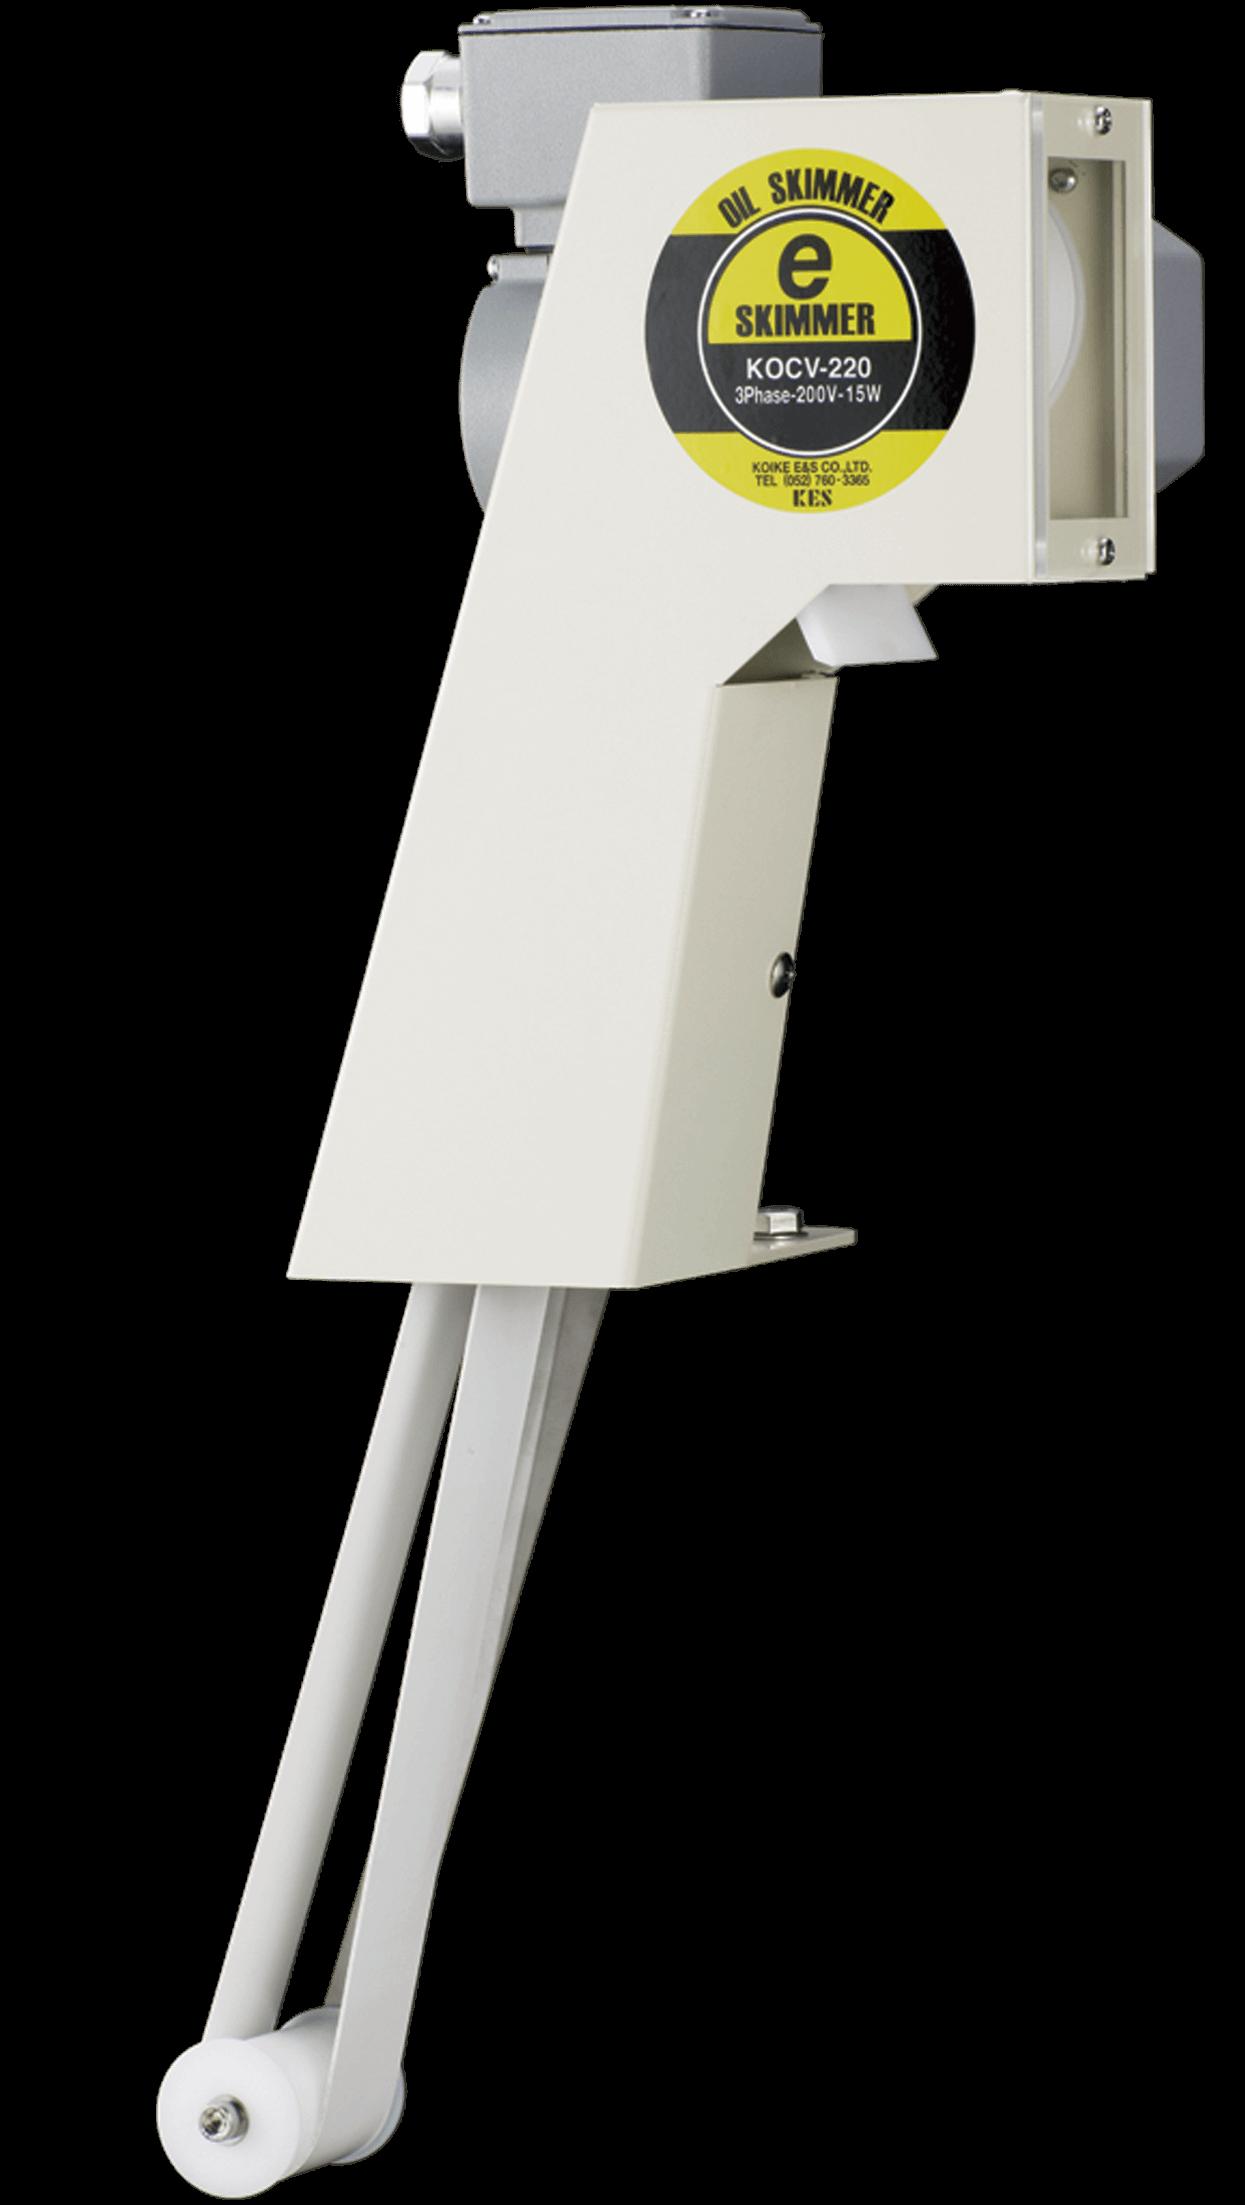 e-skimmer イースキマー